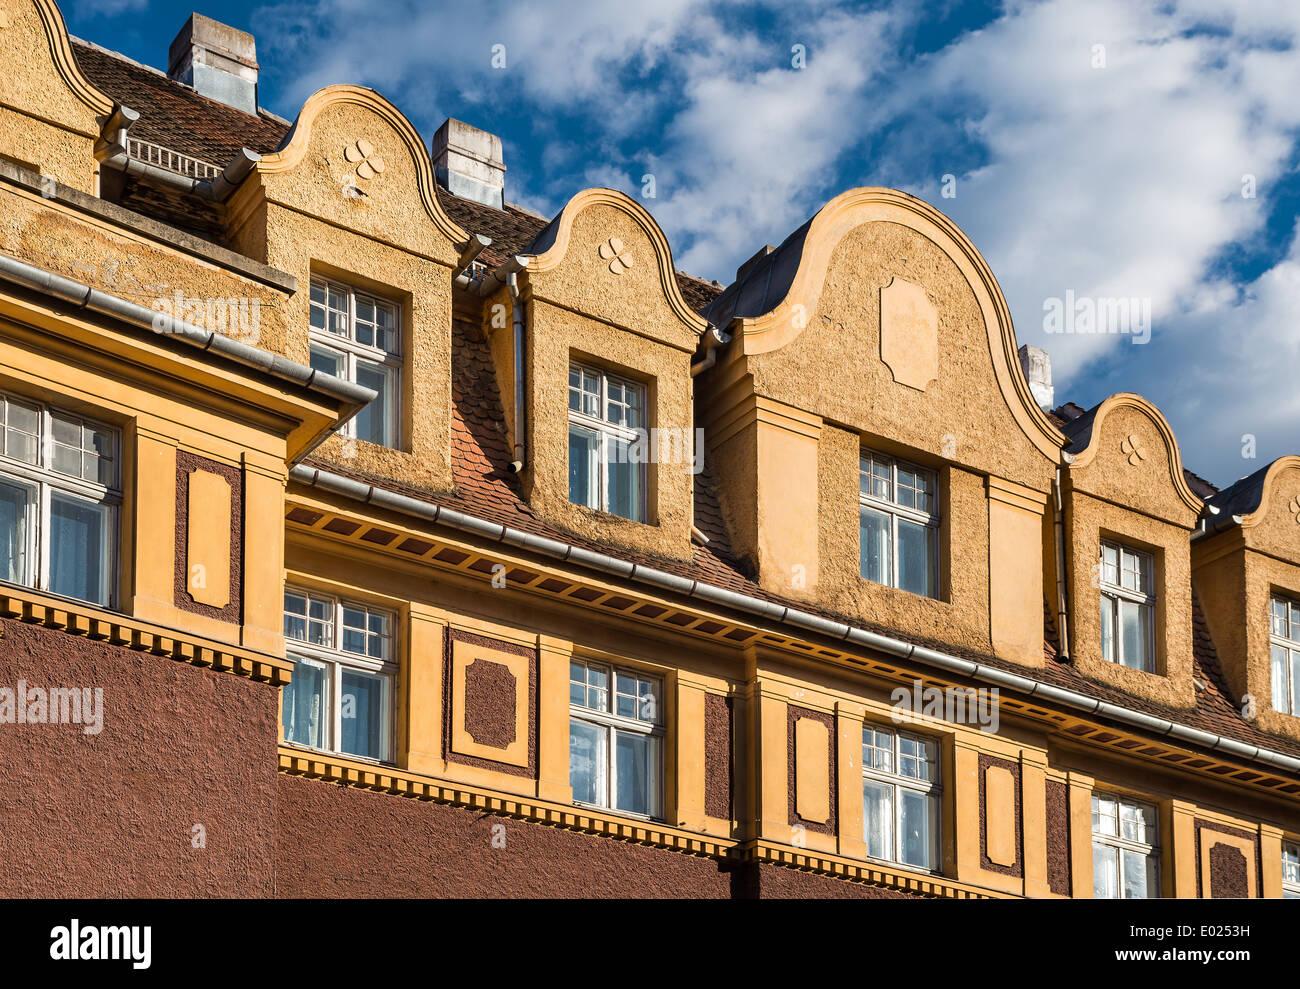 Barocke Architektur Detail in der mittelalterlichen Innenstadt von Brasov, Transylvania Region in Rumänien. Stockbild